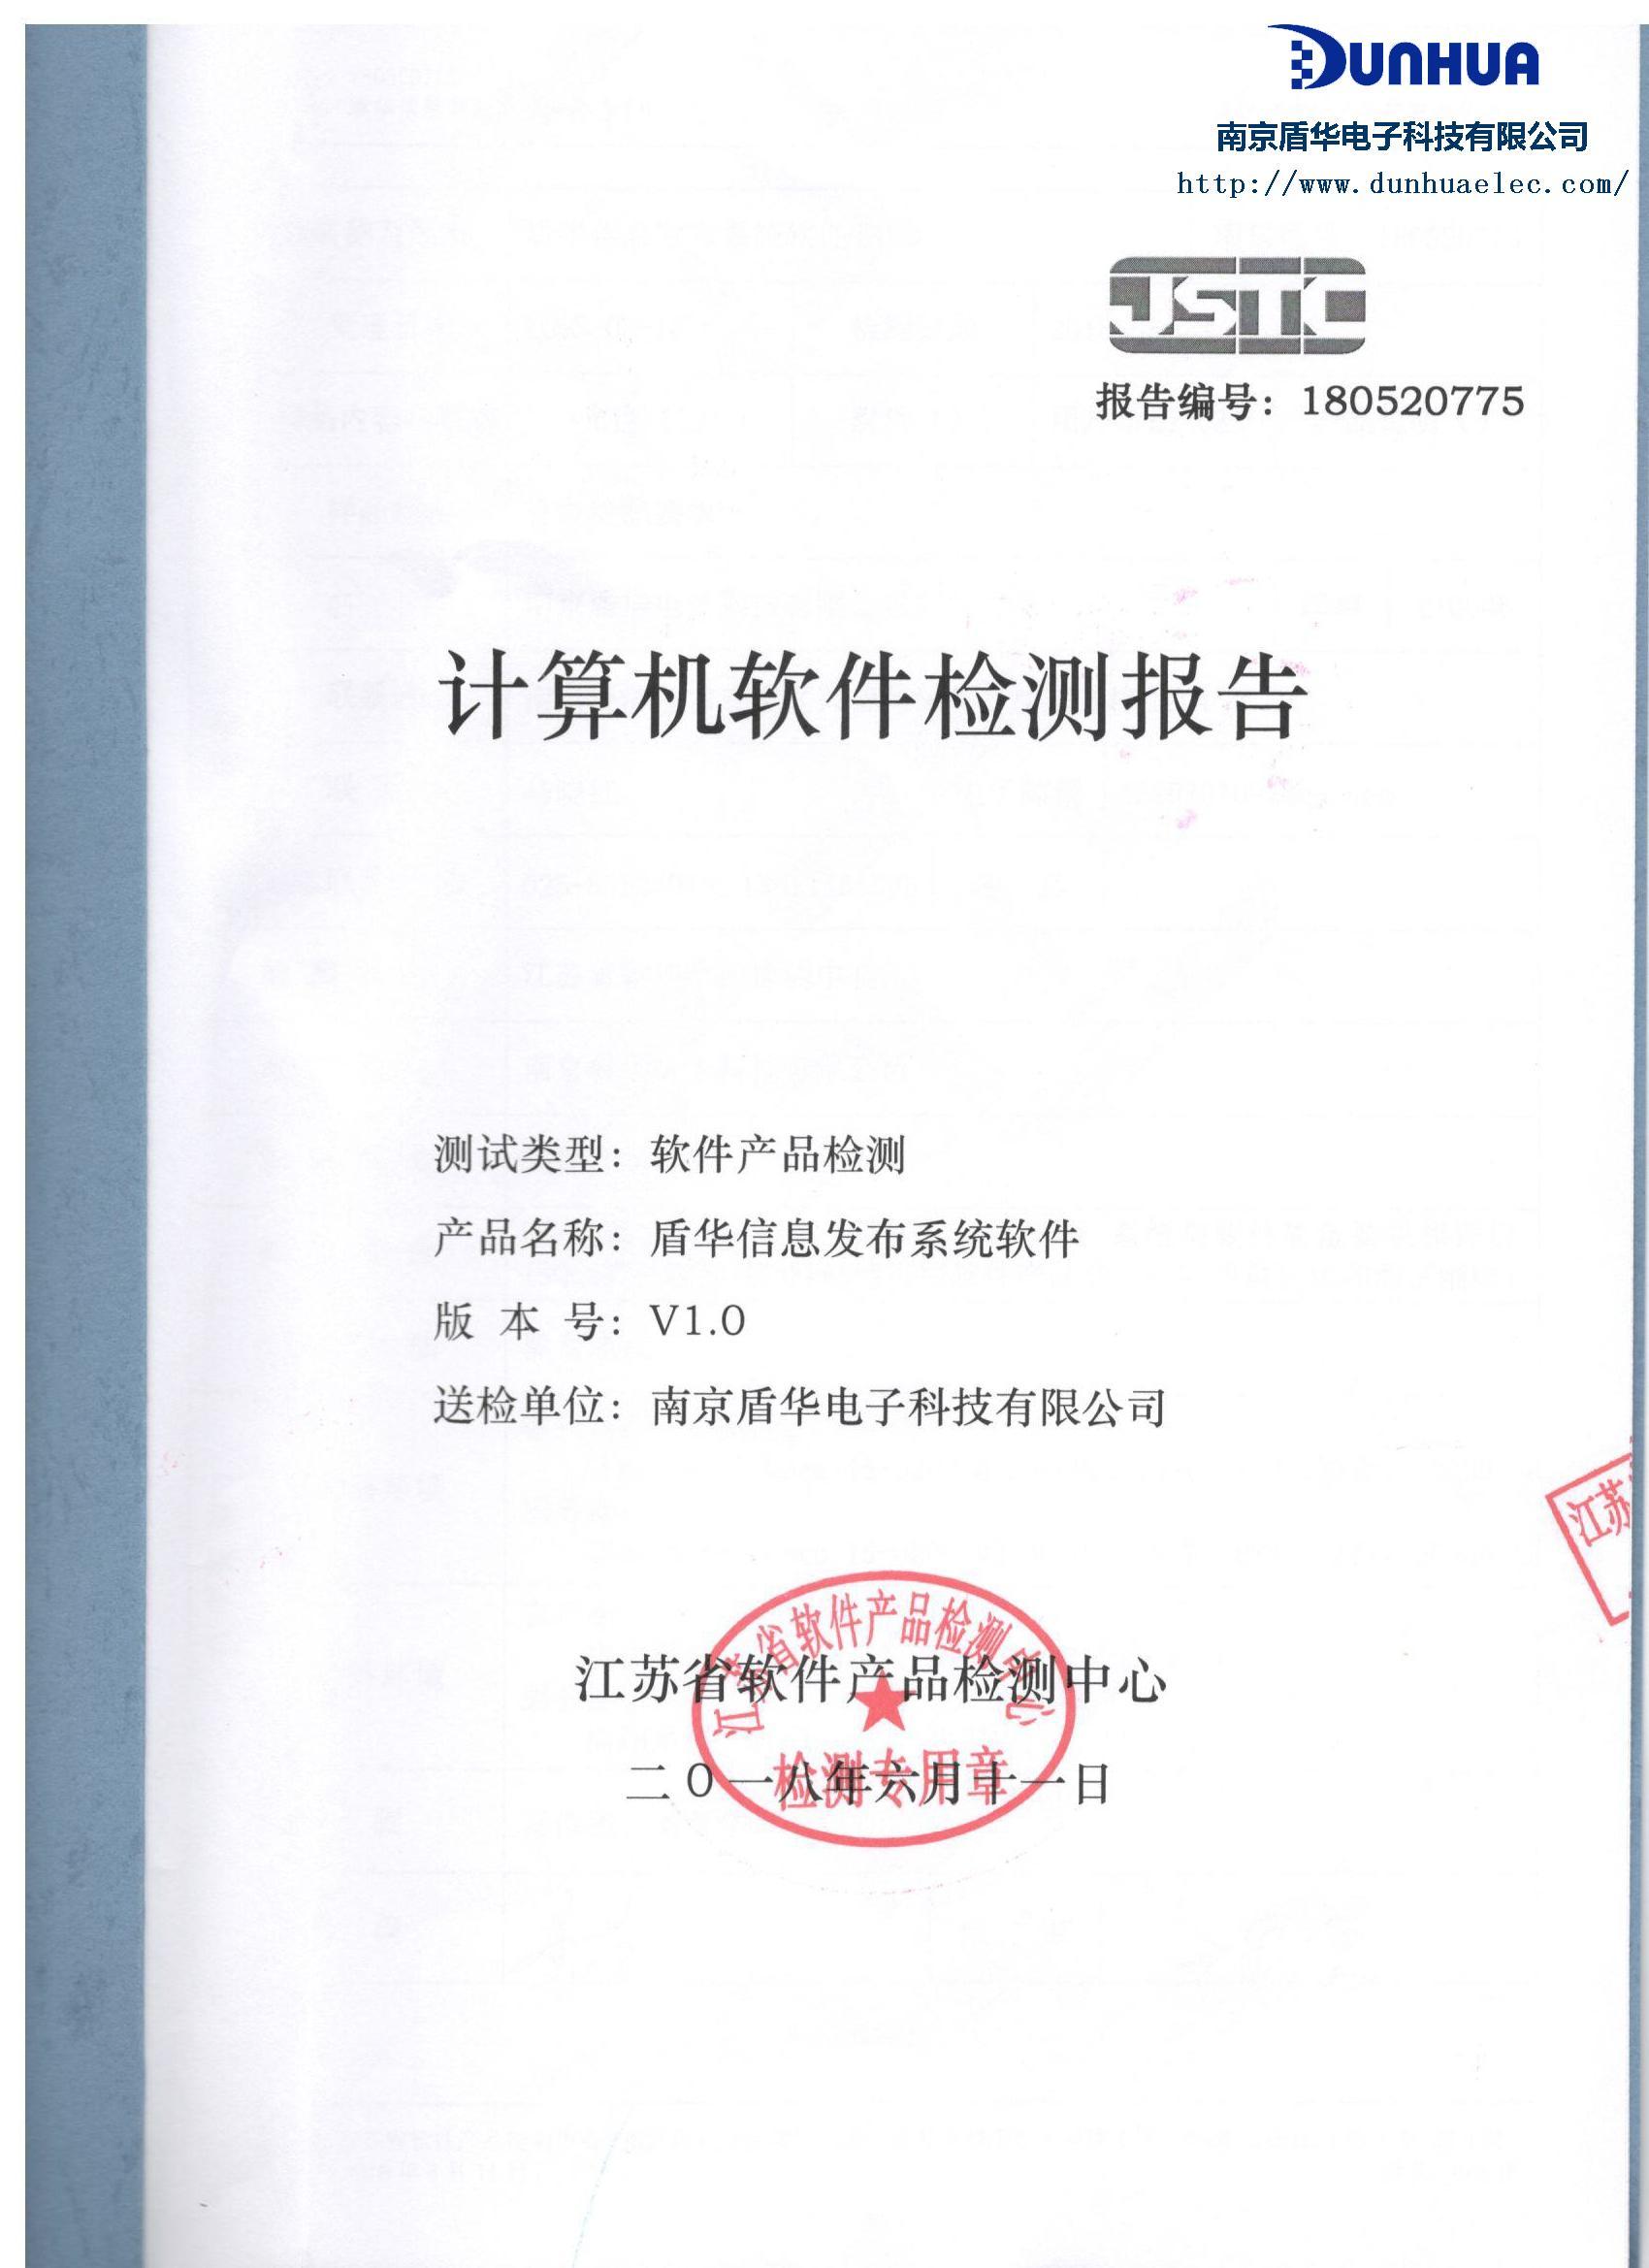 我司智慧政務排隊叫號軟件通過江蘇江蘇省軟件產品檢測中心的檢測